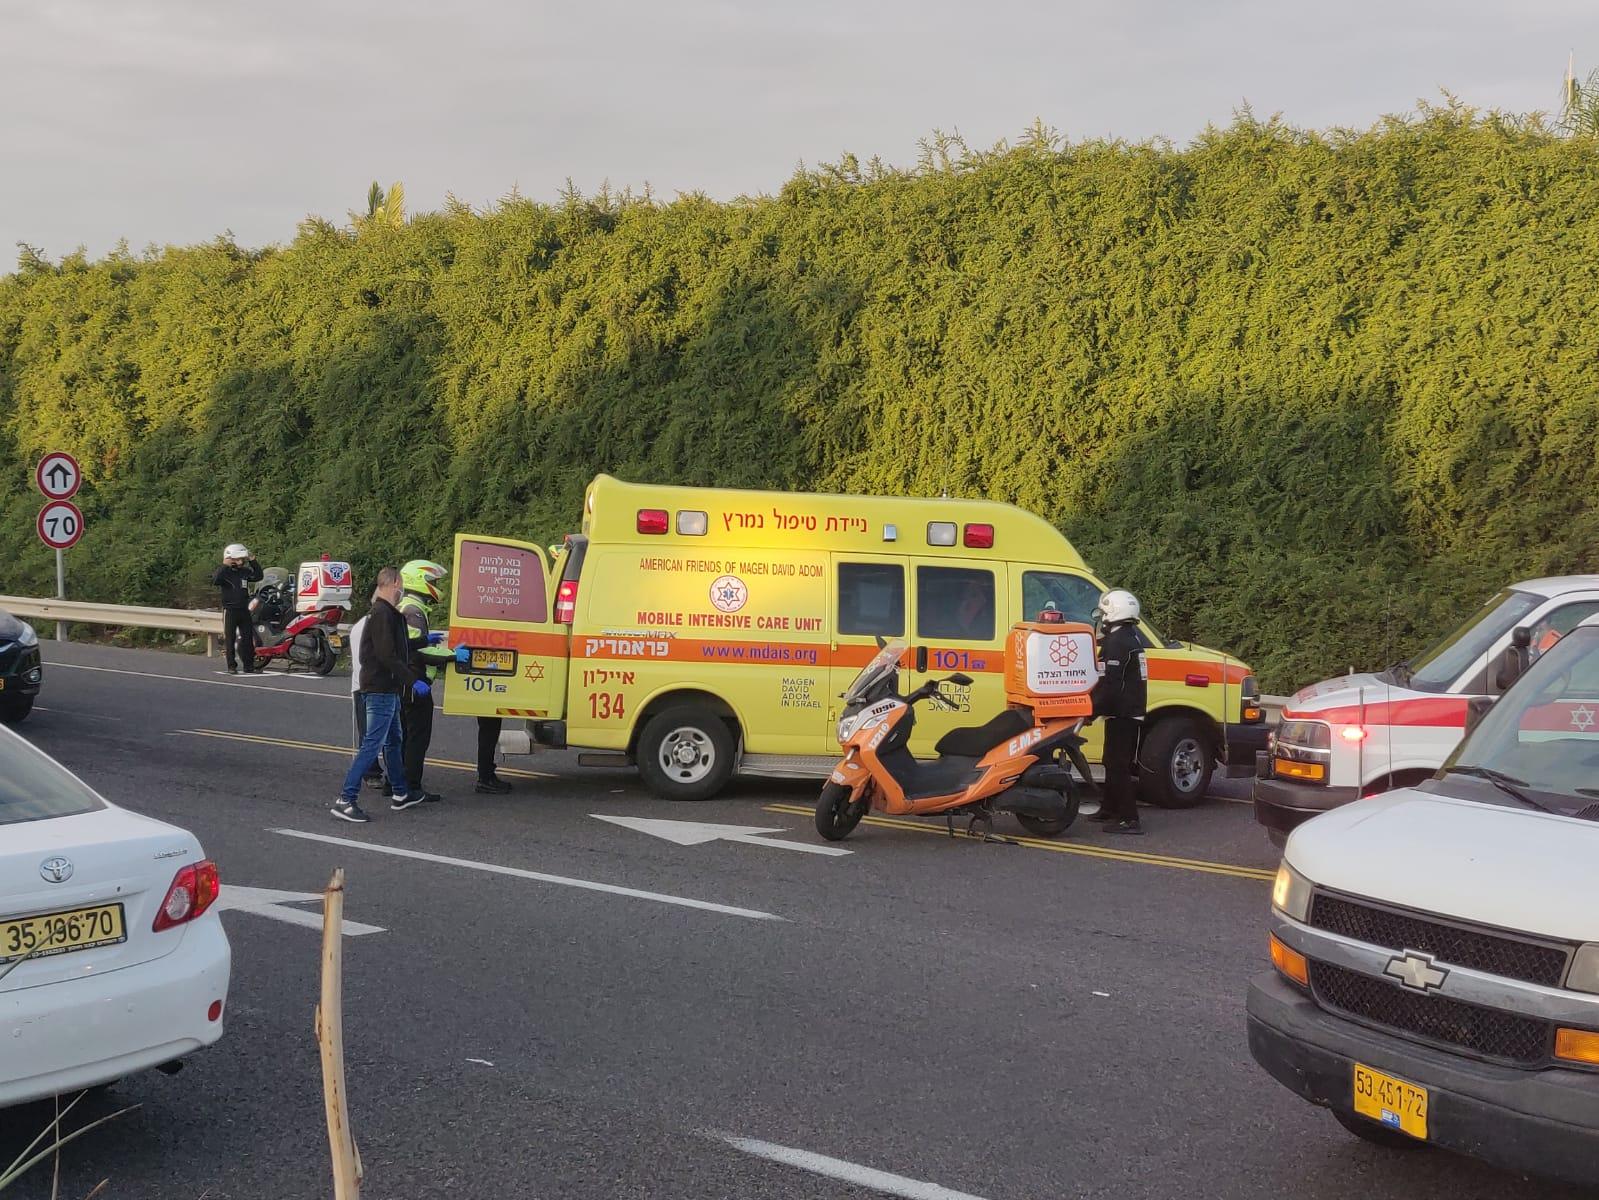 תאונה אמבולנס טיפול נמרץ אופנוע- צילום דוברות איחוד הצלה